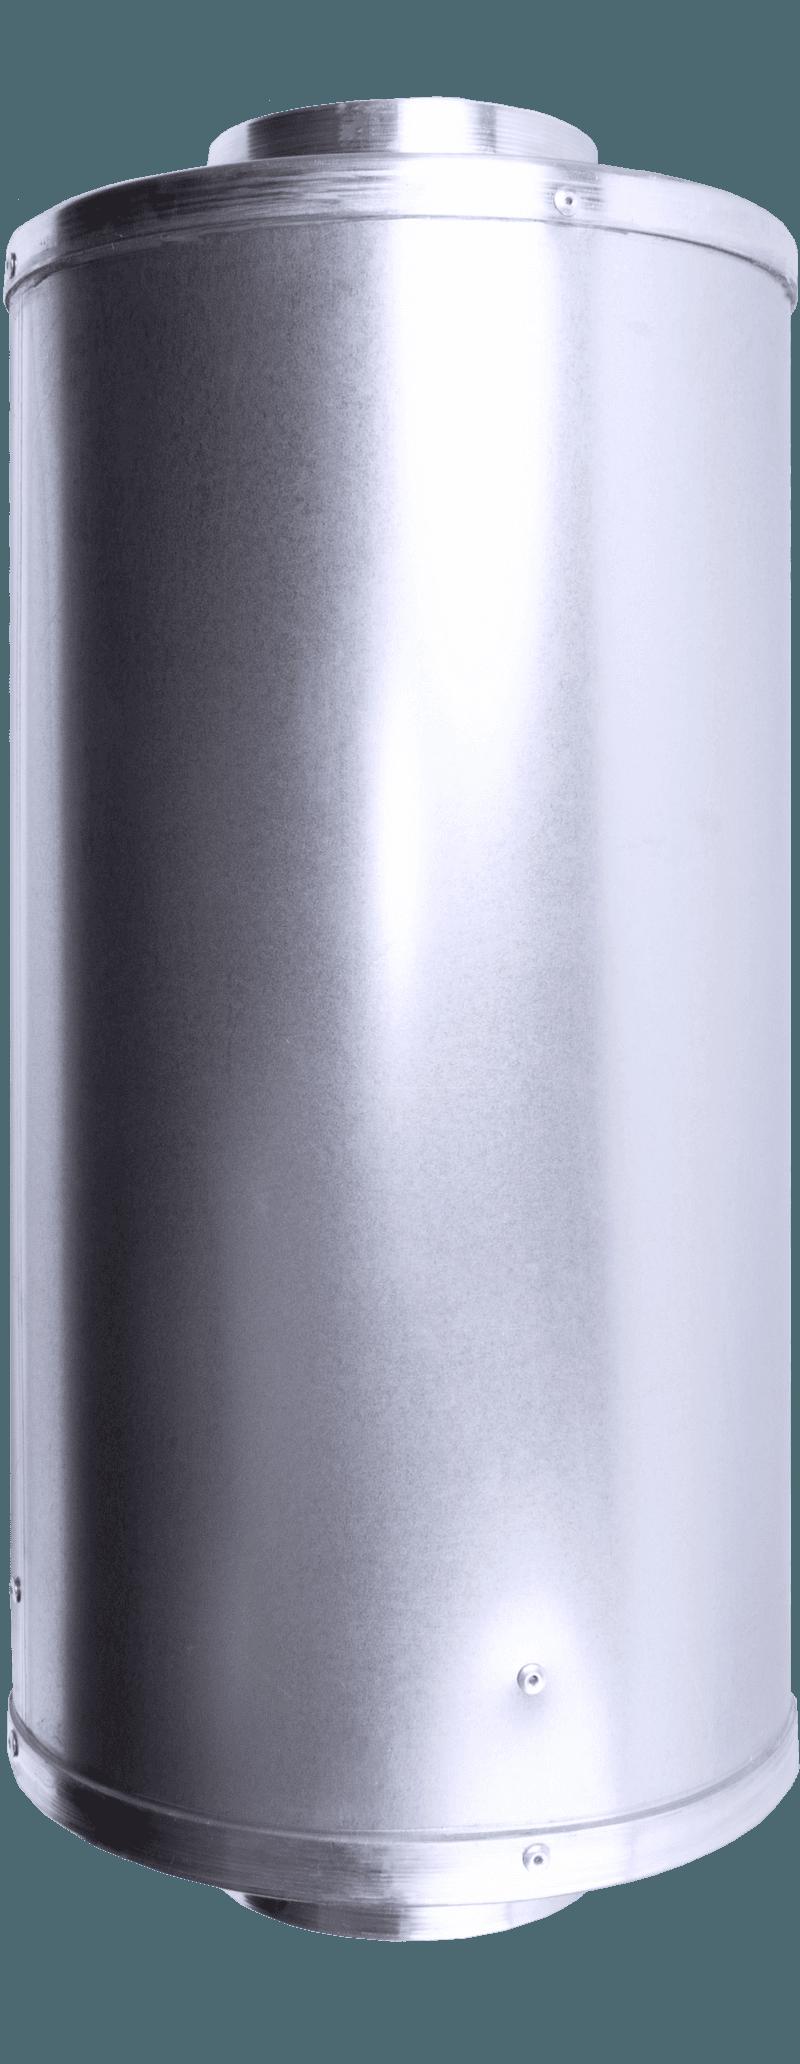 Phresh Inline Filter